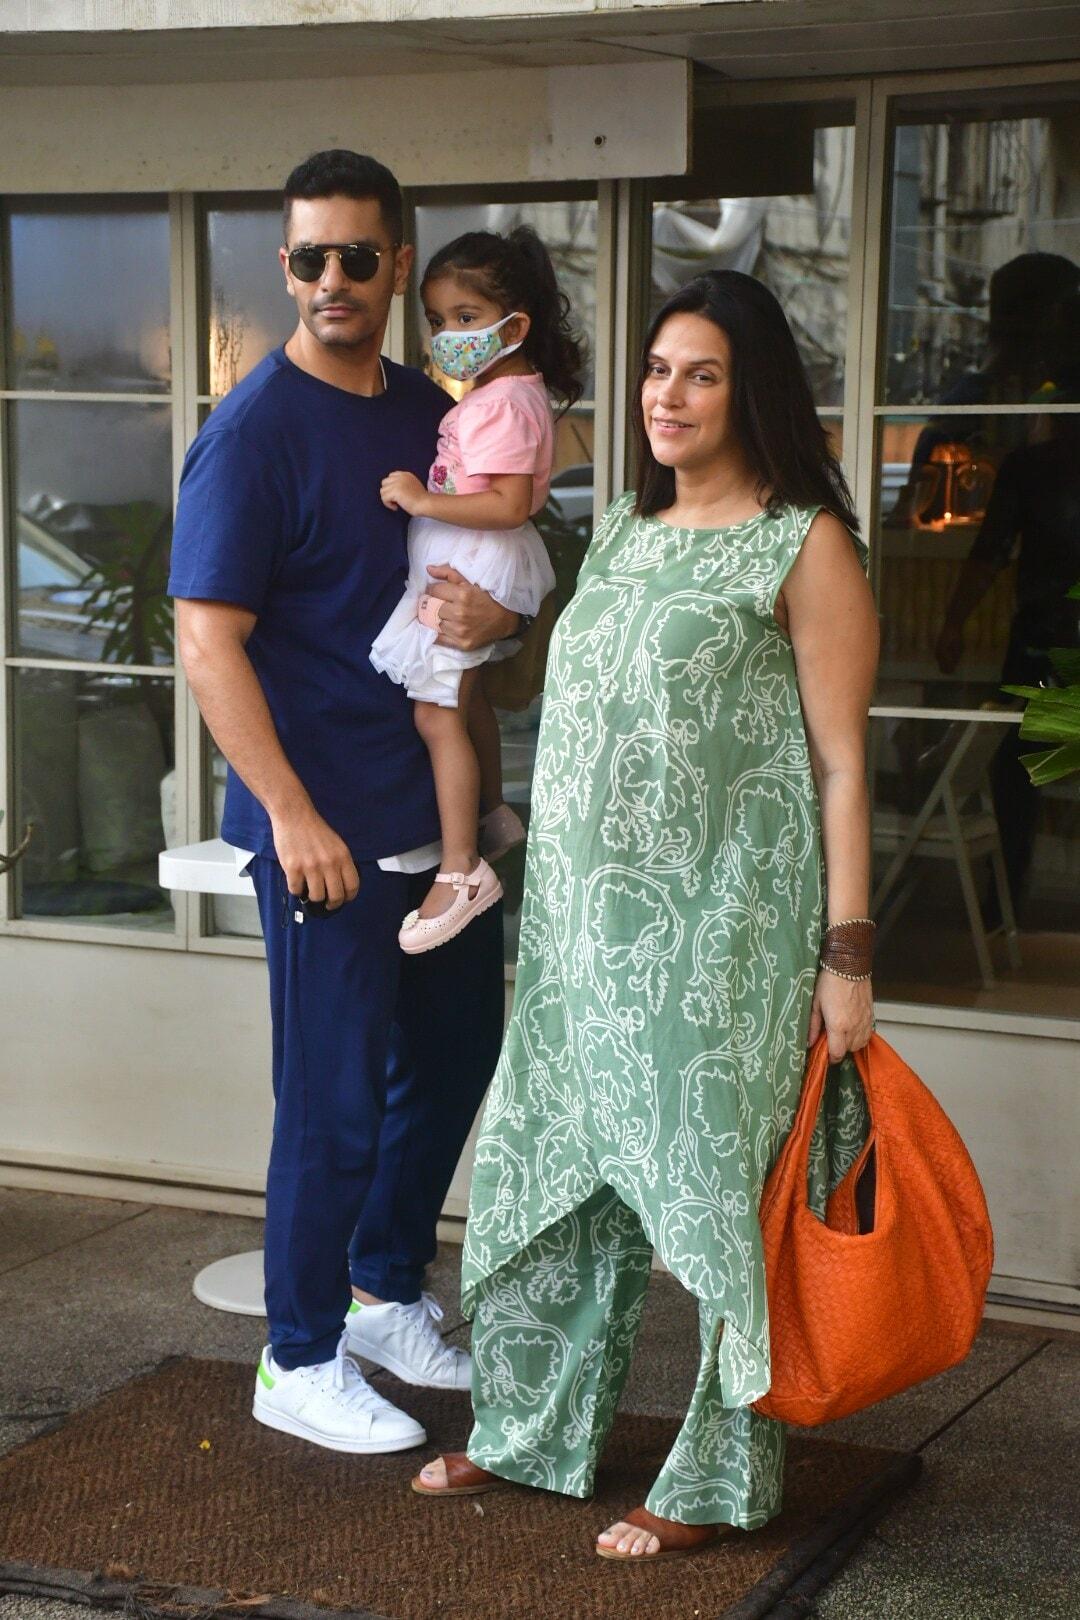 પતિ અગંદ બેદી અને દીકરી મેહર સાથે નેહા ધુપિયા. હવે તે પ્રેગ્નેન્સીનાં અંતિમ મહિનામાં છે. તેને ગમે ત્યારે બેબી બોર્ન થઇ શકે છે. (Image: Viral Bhayani)